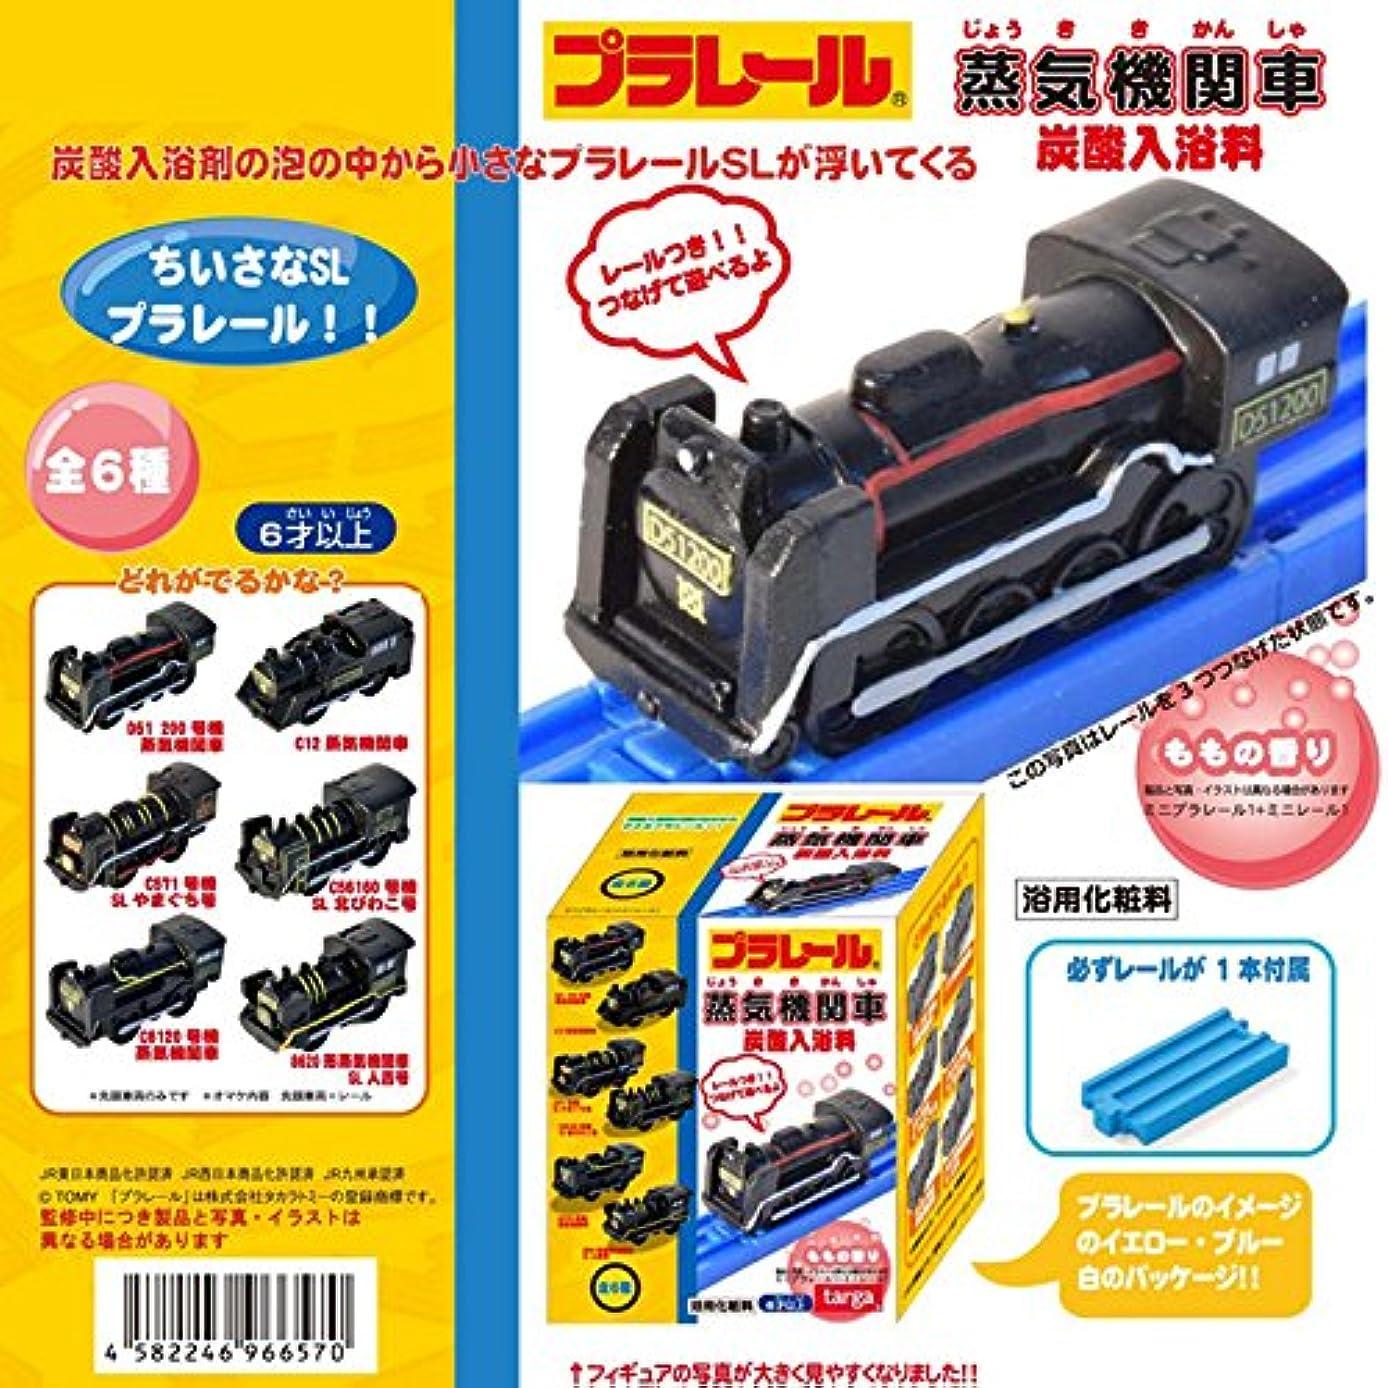 拒否前カスケードプラレール 蒸気機関車 炭酸入浴料 6個1セット ももの香り レールつき機関車 入浴剤